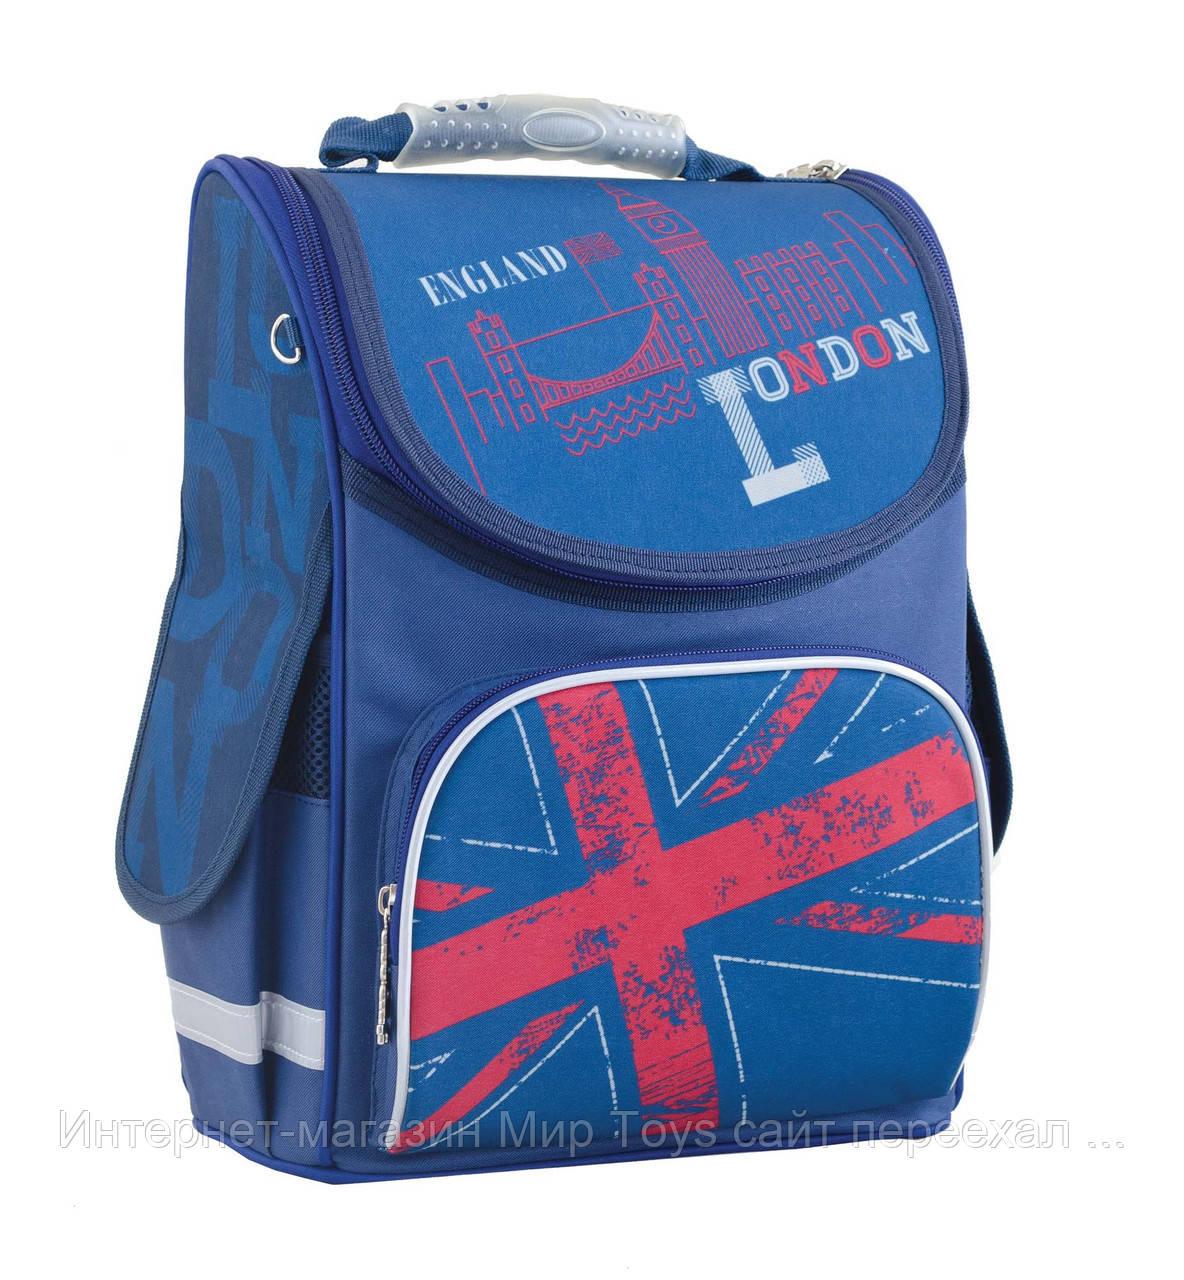 f3869c9e5dc5 Рюкзак школьный каркасный TM Smart PG-11 от TM 1 Вересня London 553420